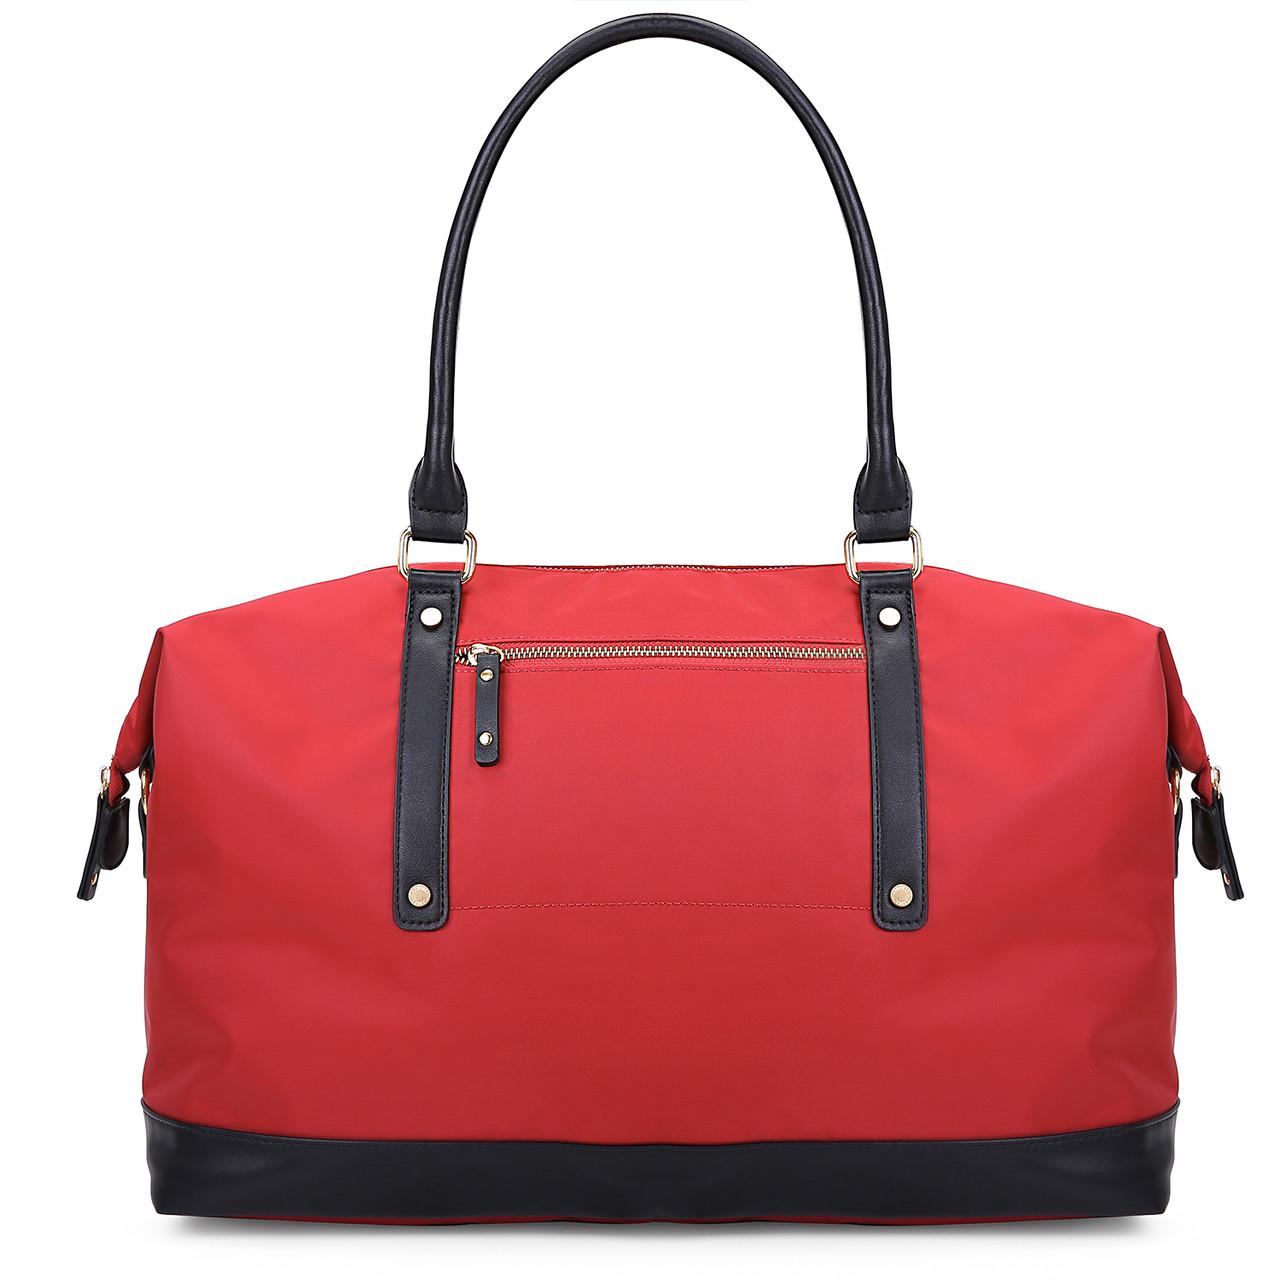 20098bc6d377 Женская сумка Ecosusi красная (ES0040085A021) - PROSMO - Просто добавь и  купи в Киеве